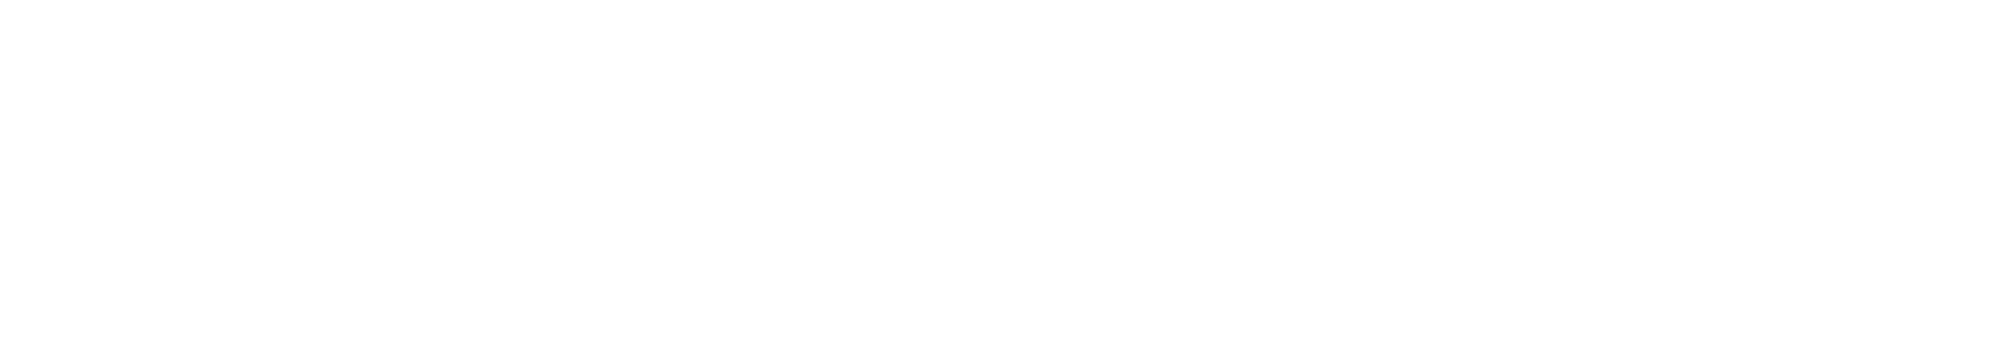 株式会社トンボロ